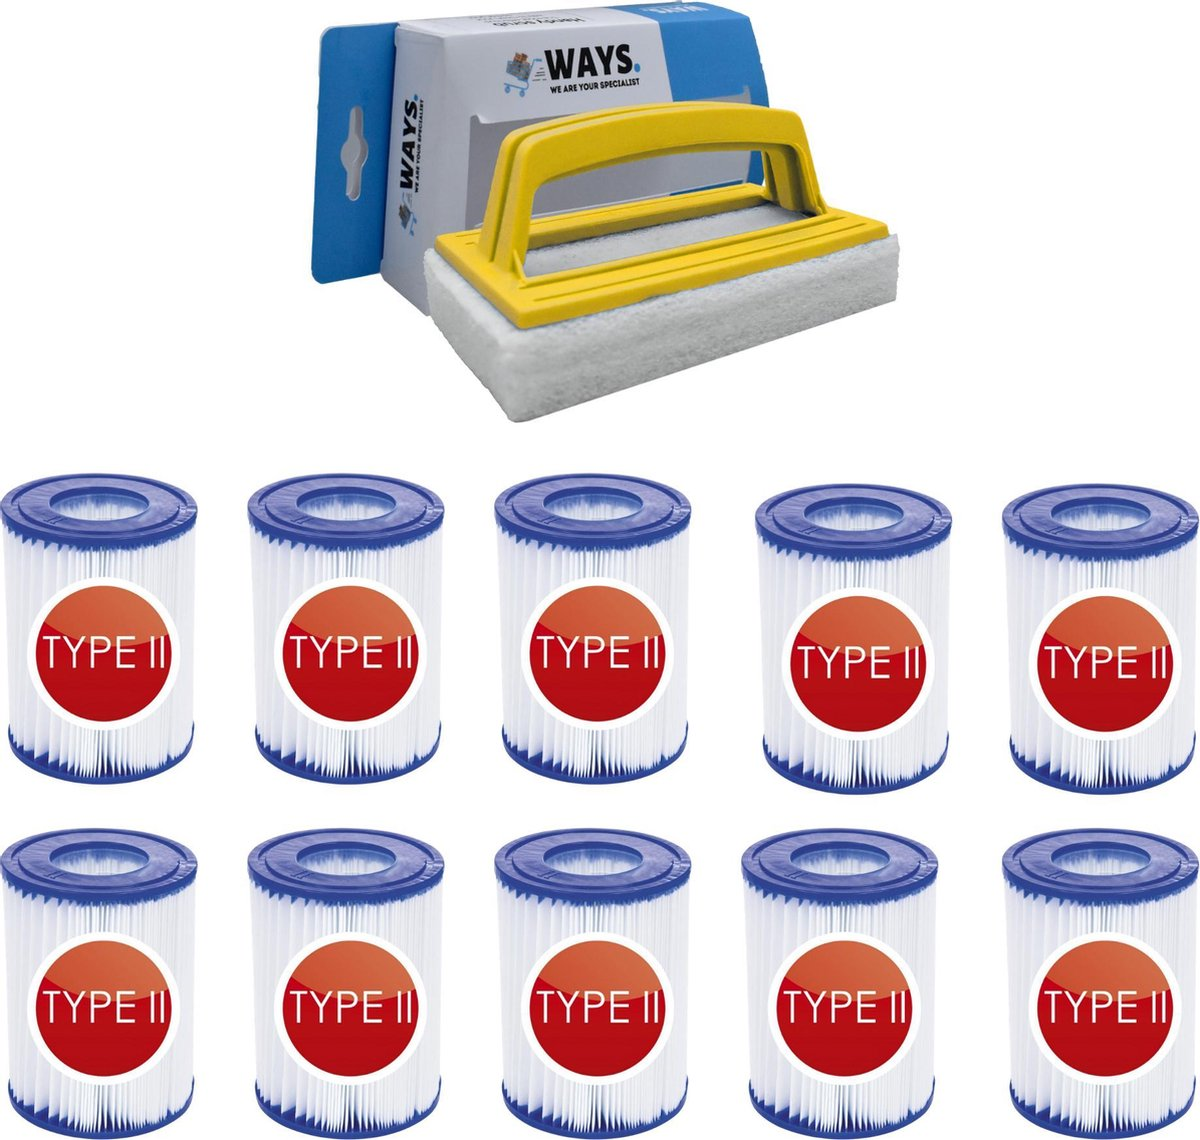 Bestway - Type II filters geschikt voor filterpomp 58383 - 10 stuks & WAYS scrubborstel